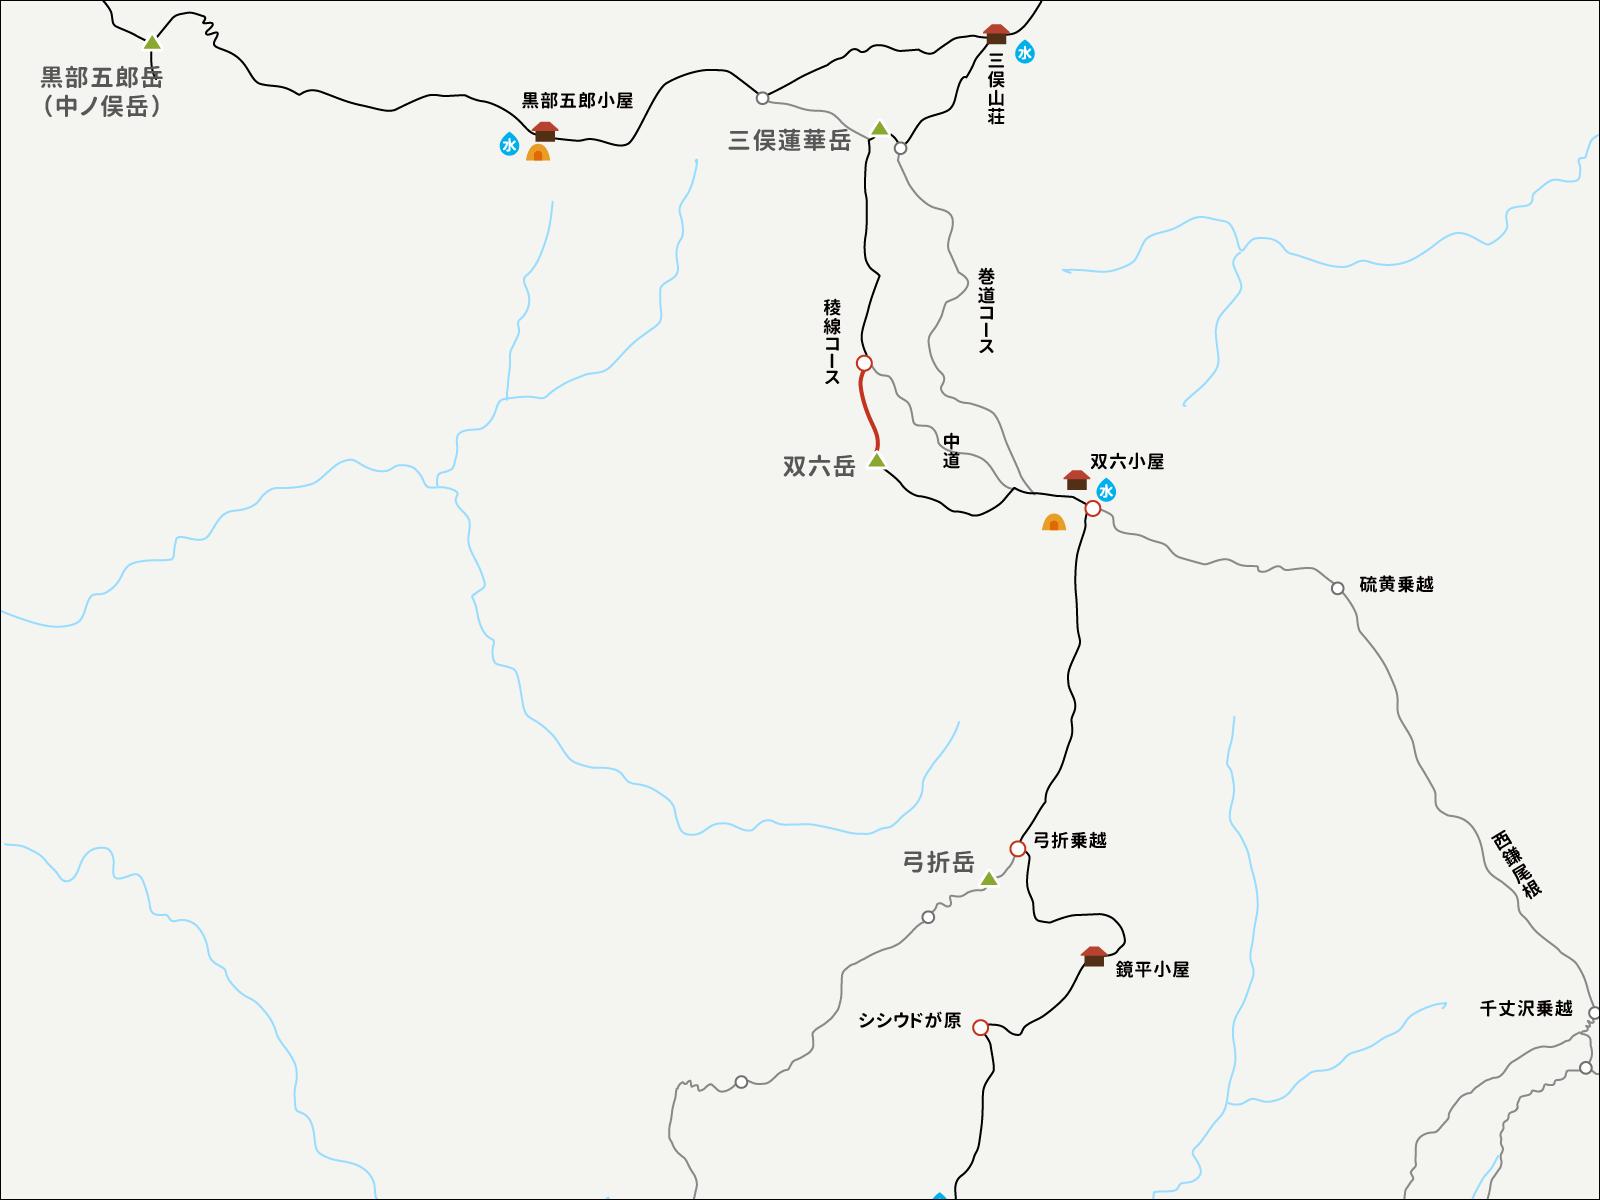 三俣蓮華岳から双六岳へのイラストマップ2